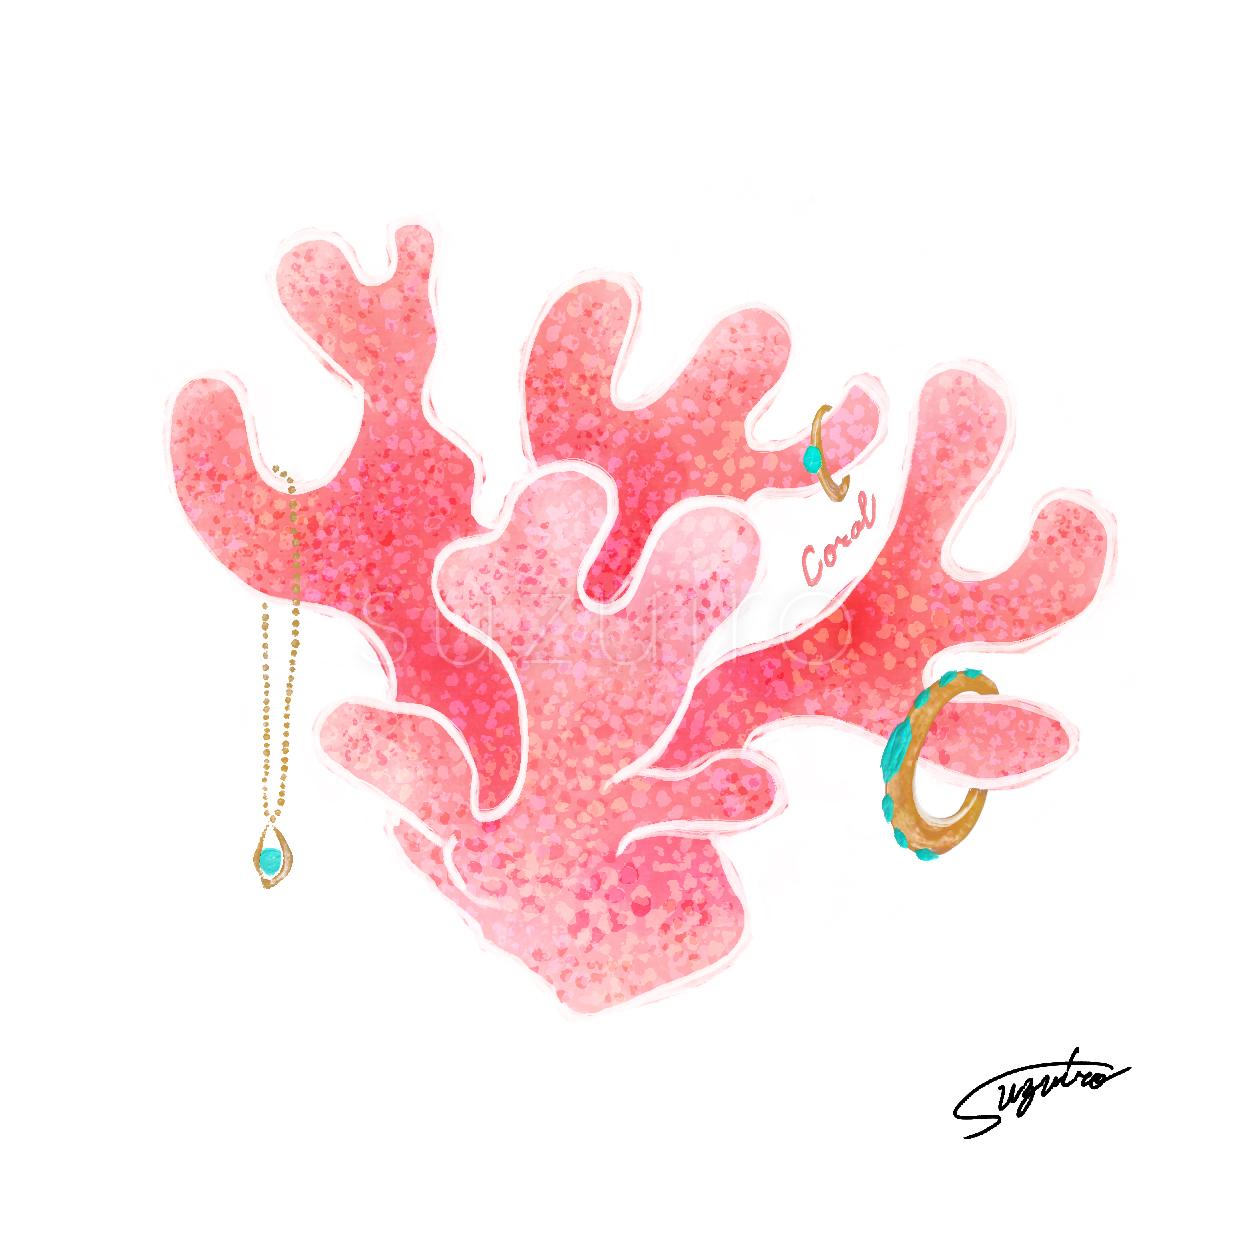 coral_suzuiro